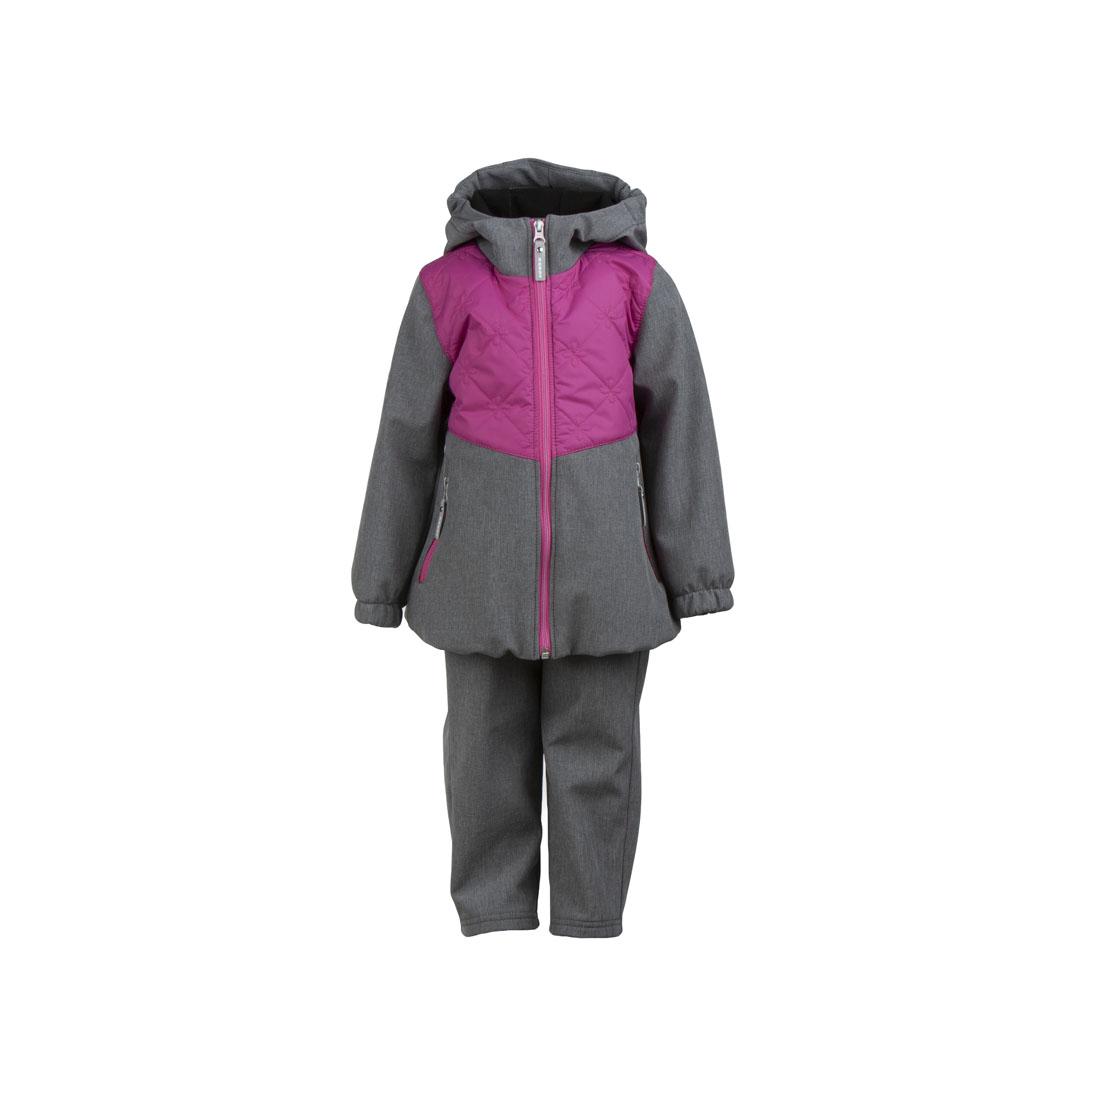 Комплект для девочек KERRY DESIRE K20032, размер